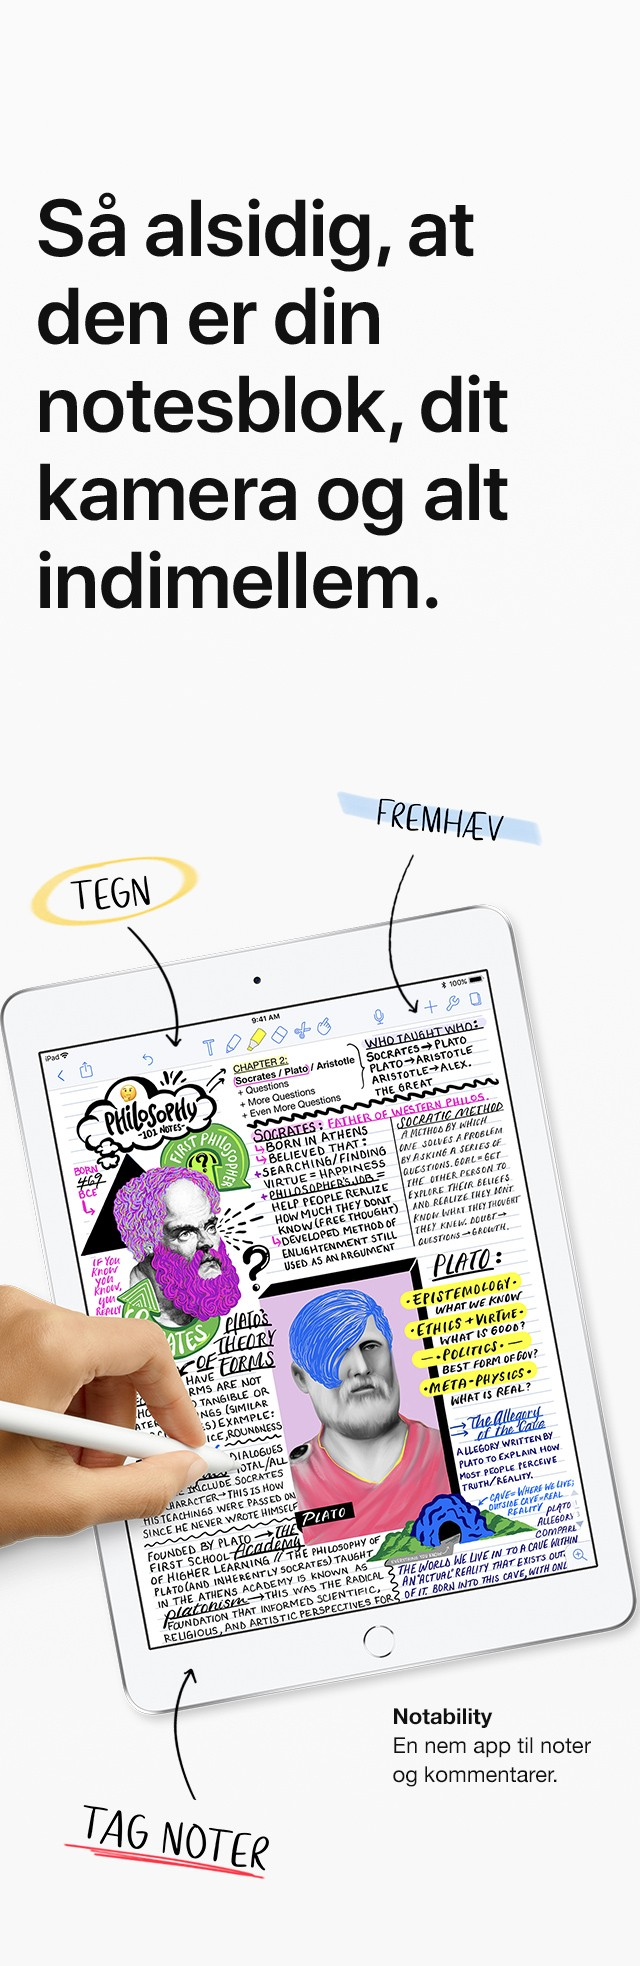 """9,7"""" iPad'en er lige så alsidig som din notesbog, kamera og alt imellem"""